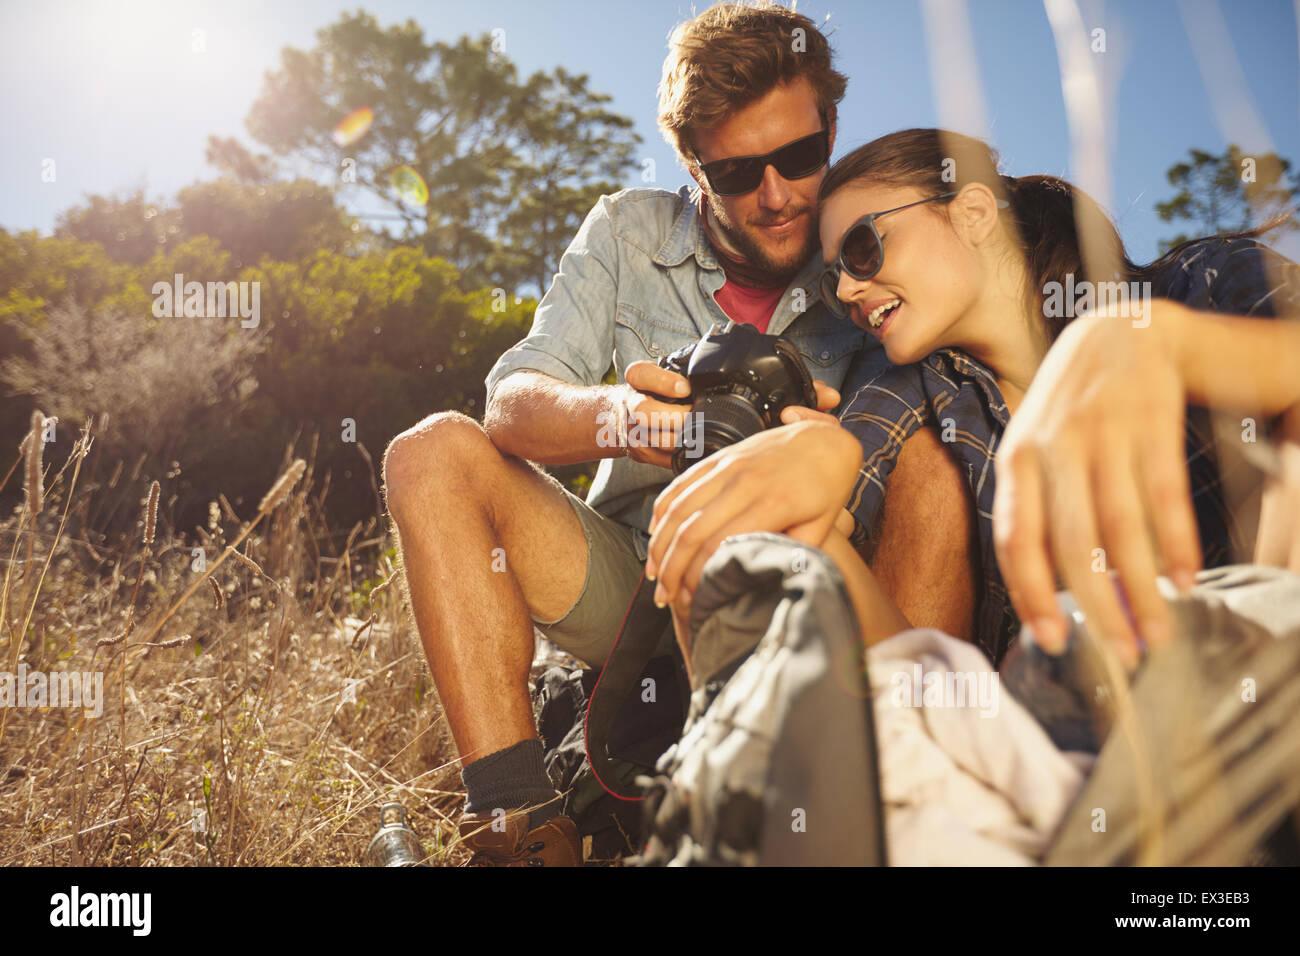 Tourné en extérieur couple de randonneurs leur caméra sur un jour d'été. Portrait homme Photo Stock